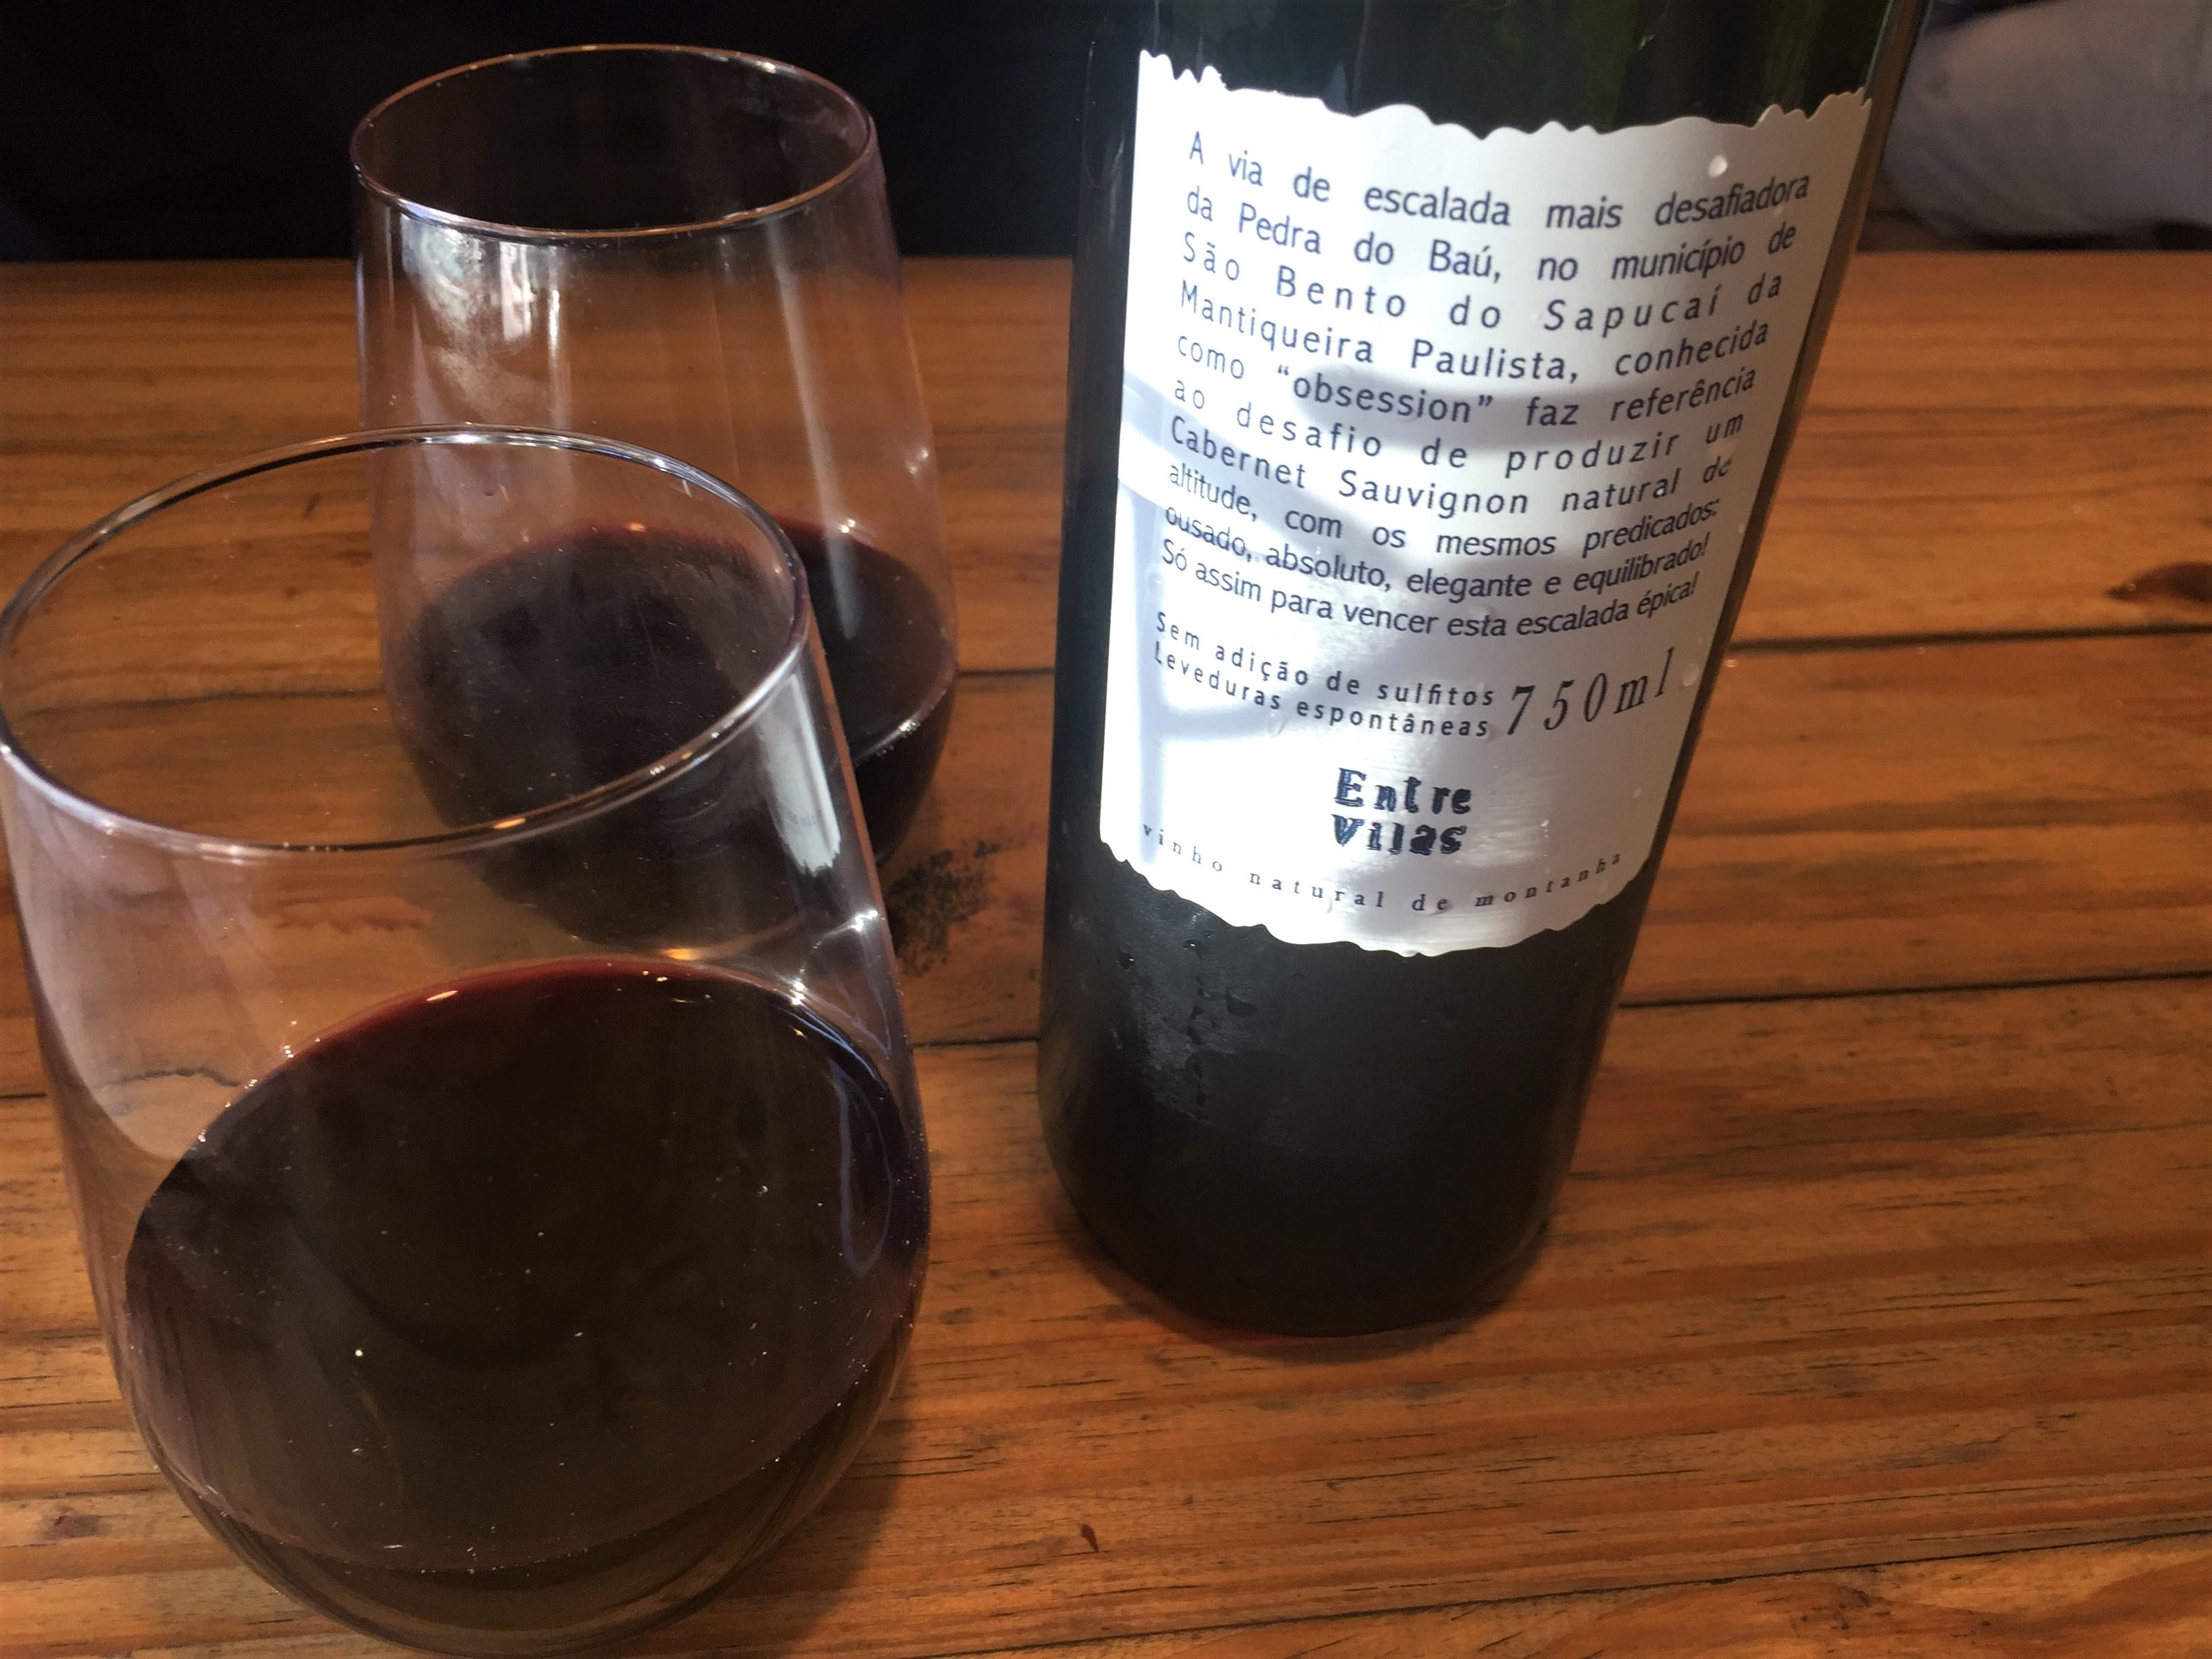 Entre Vilas vinho tinto natural Obsession